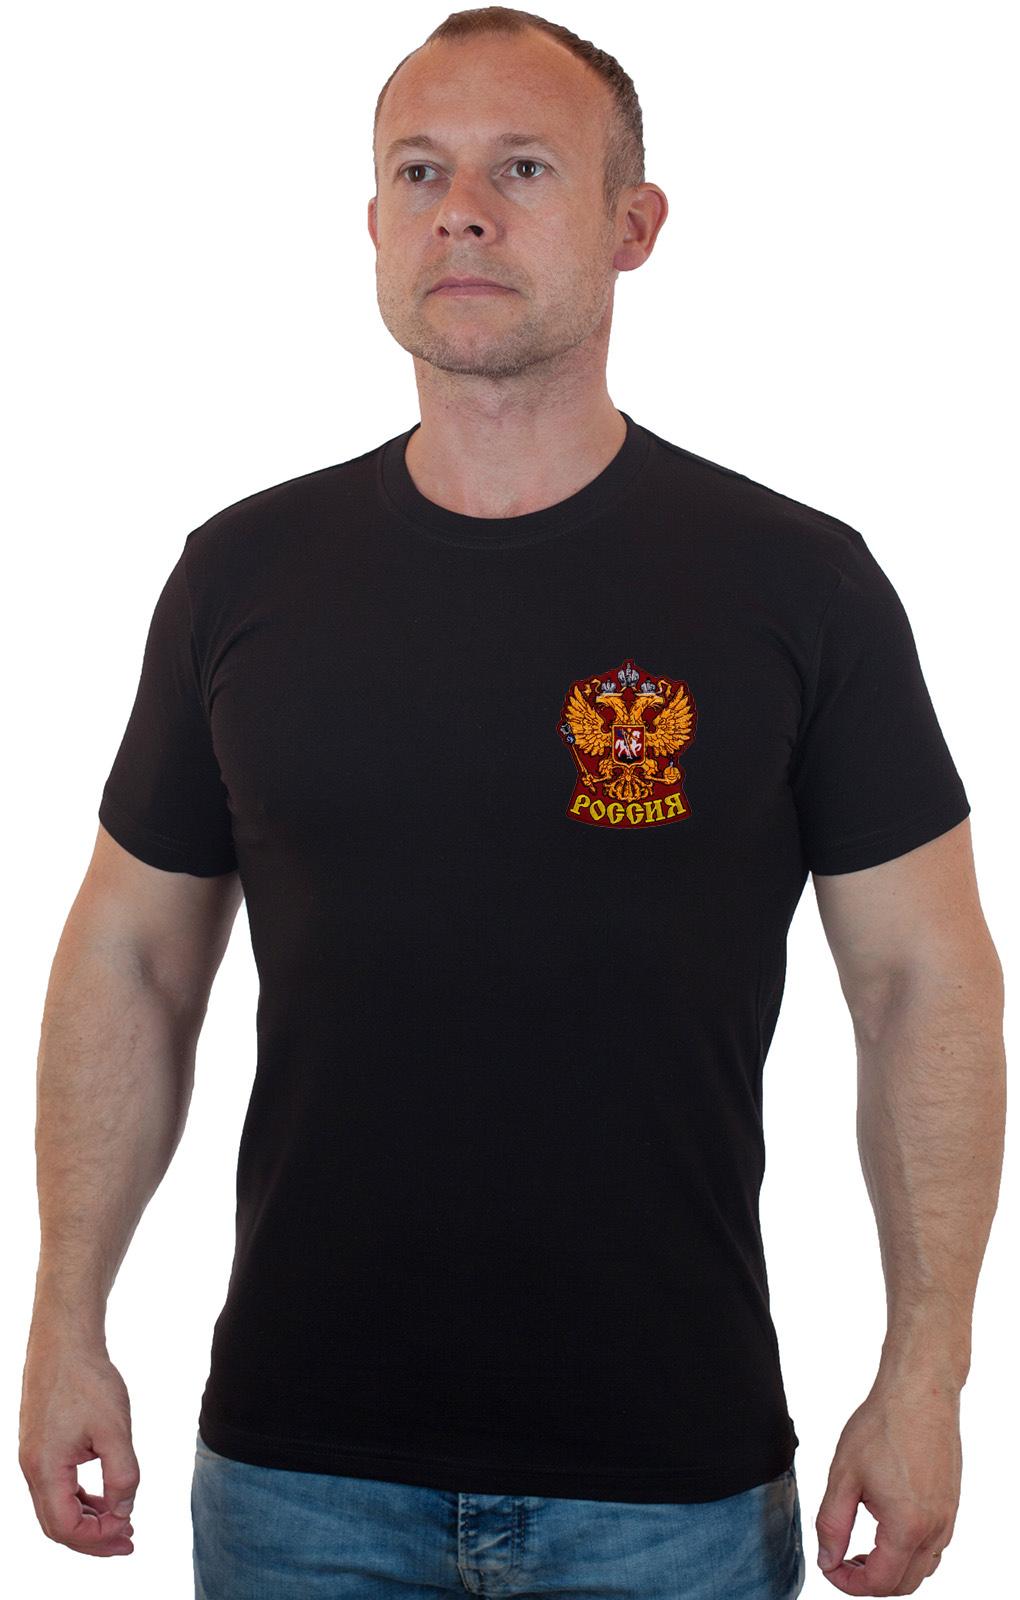 Патриотические футболки Россия – чисто мужской выбор